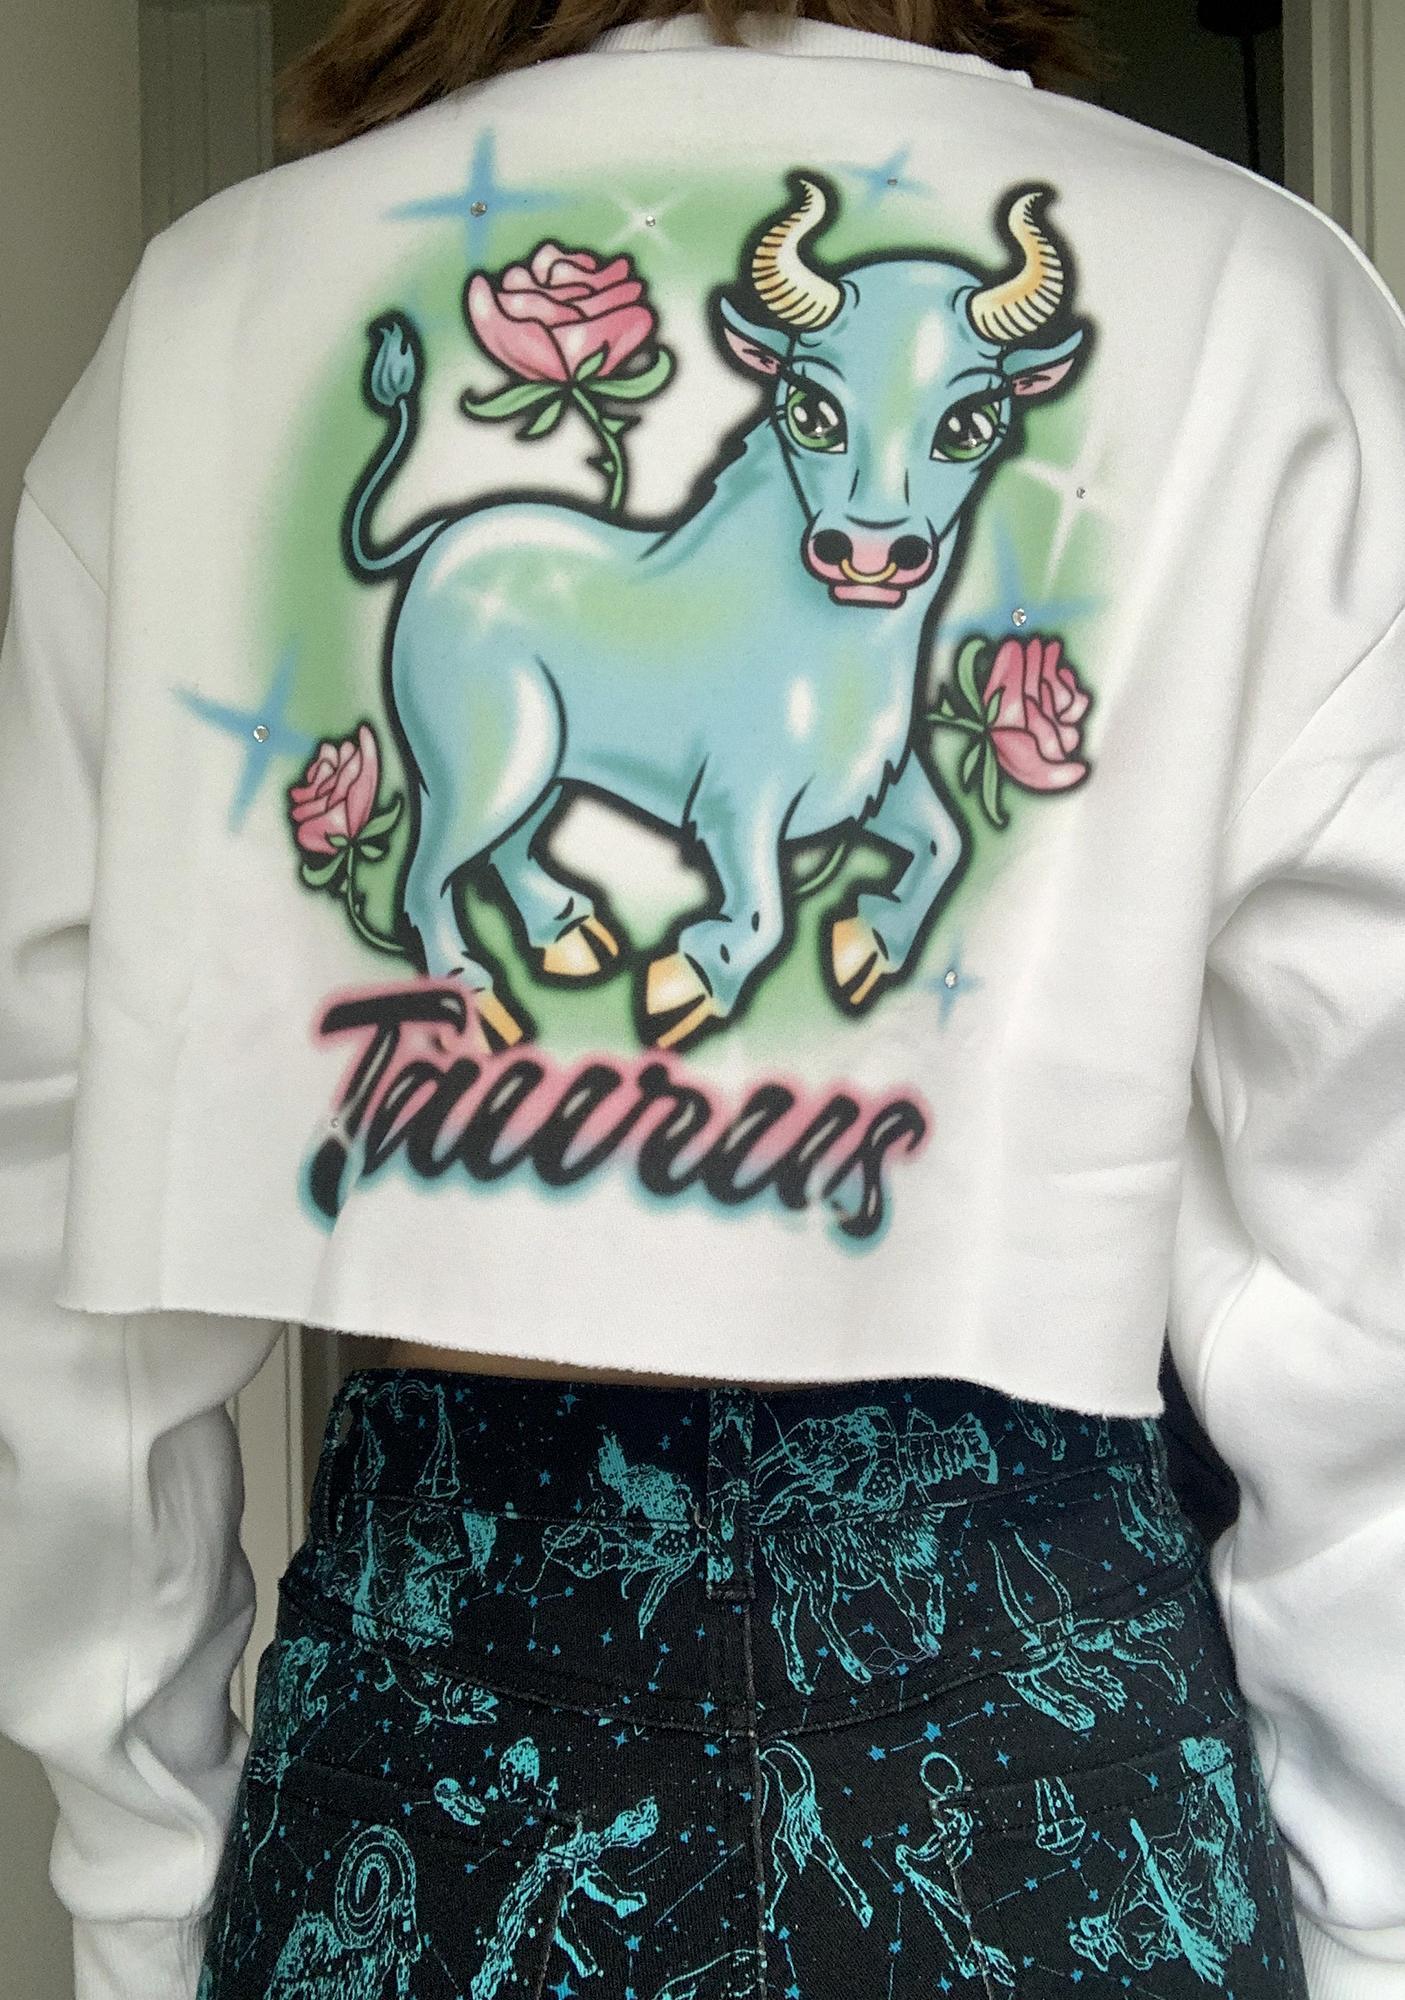 HOROSCOPEZ Taurus Rep Your Roots Airbrush Sweatshirt